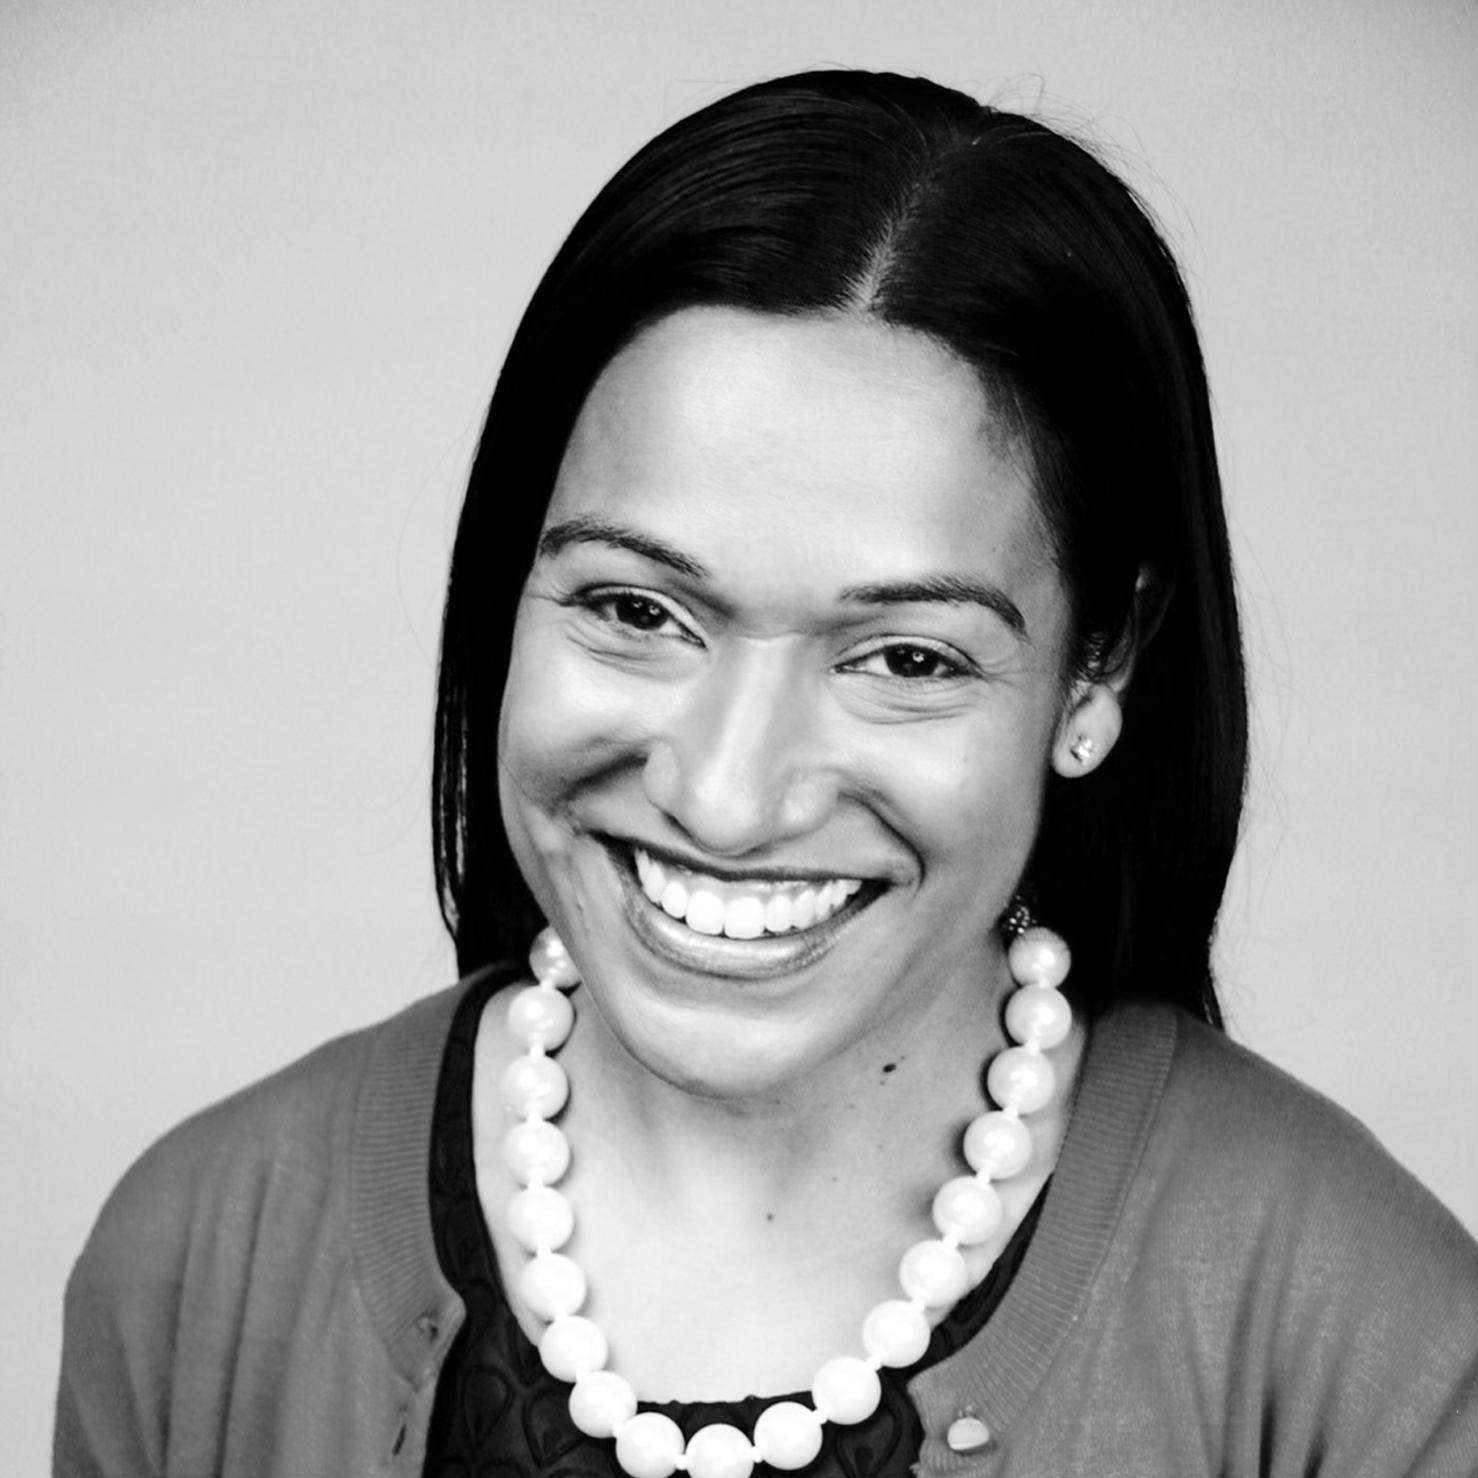 Headshot of Sheetal Parikh